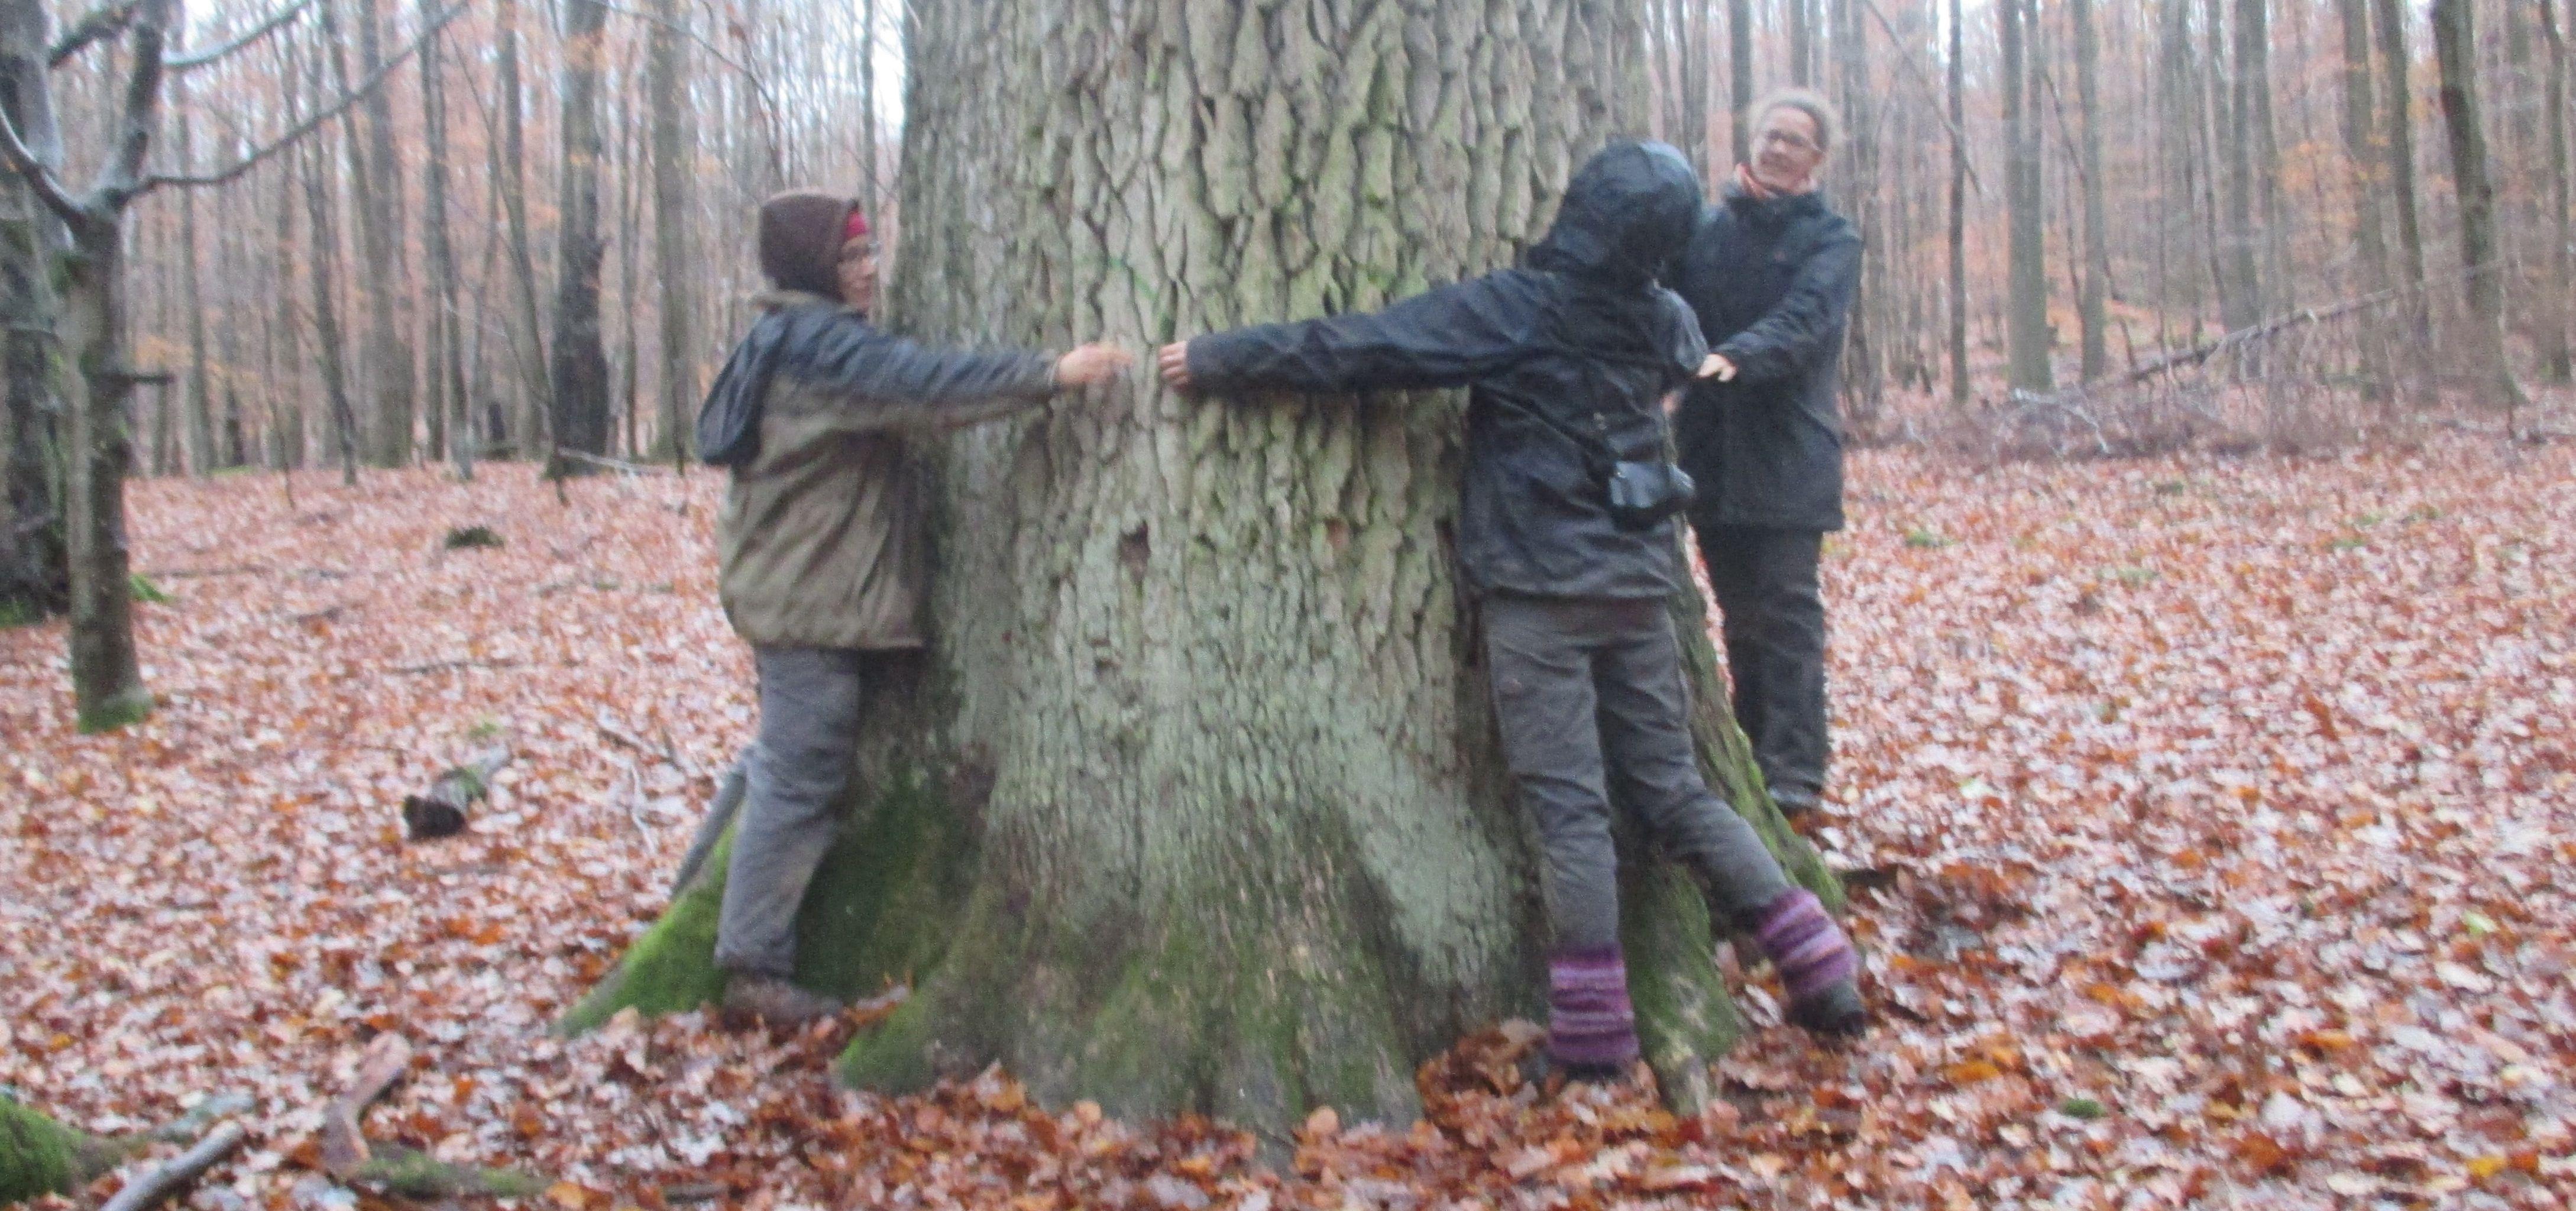 Drei Menschen umarmen eine Spessarteiche